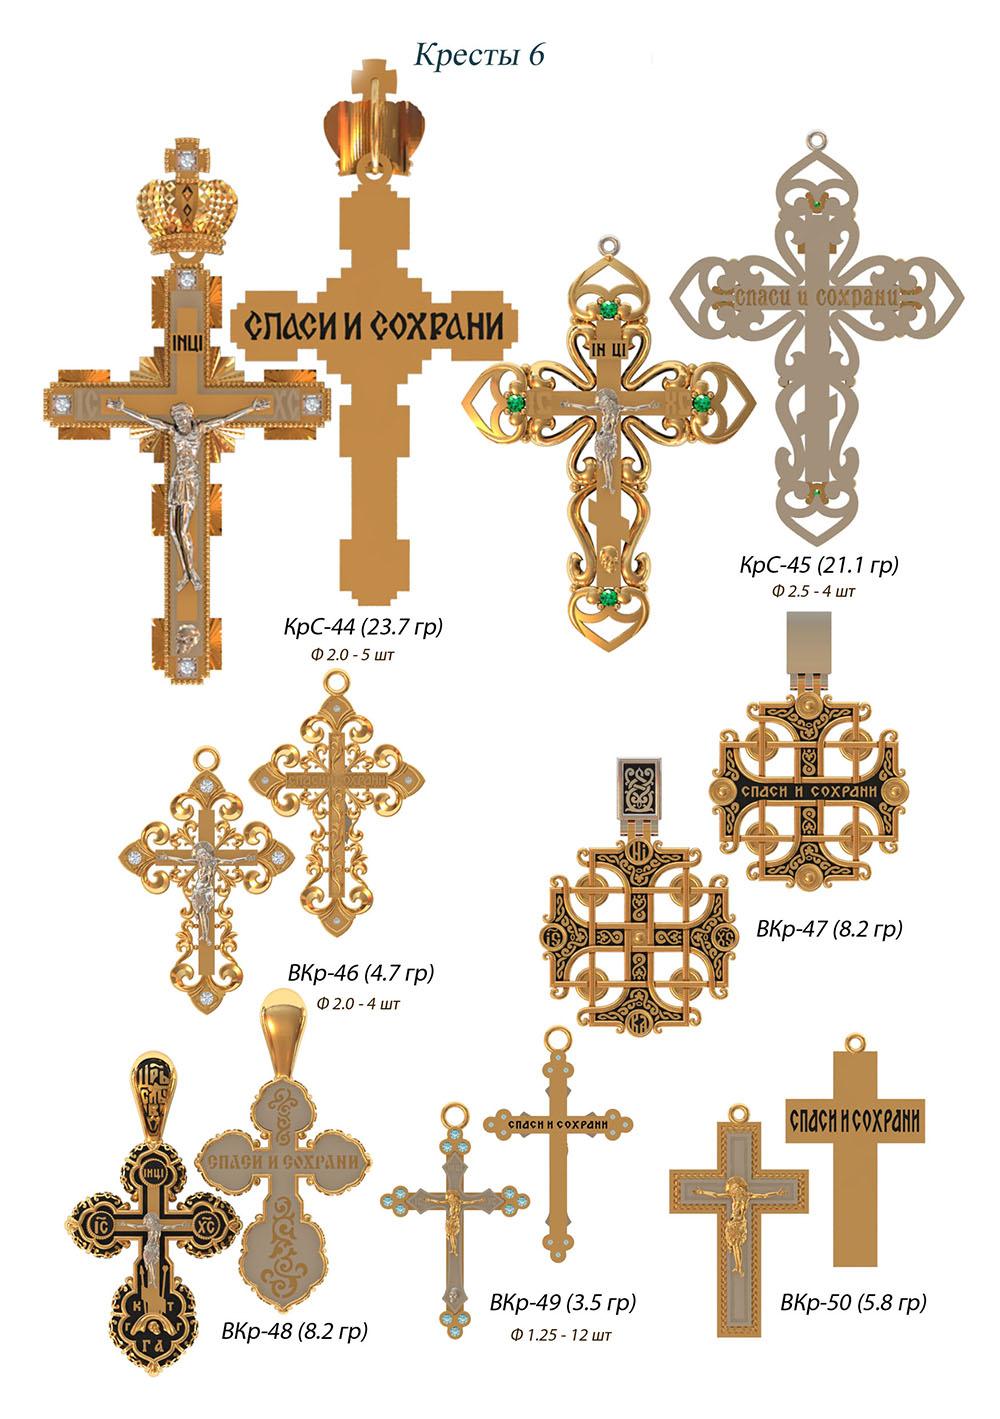 modelit-wax-models-cross-6